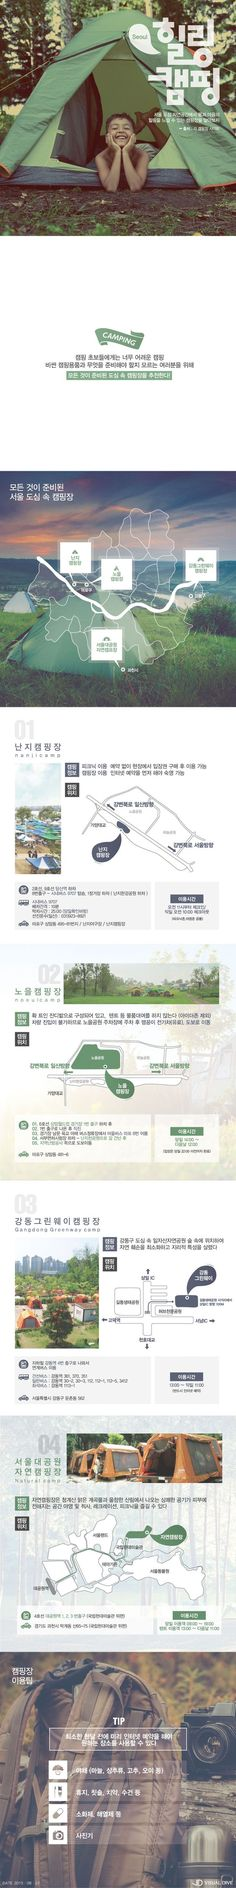 캠핑, 이젠 서울 도심에서 즐기자 [인포그래픽] #Camping / #Infographic ⓒ 비주얼다이브 무단 복사·전재·재배포 금지 Ppt Design, Event Design, Layout Design, Typography Layout, Event Page, Symbol Design, Information Design, Design Research, Website Layout